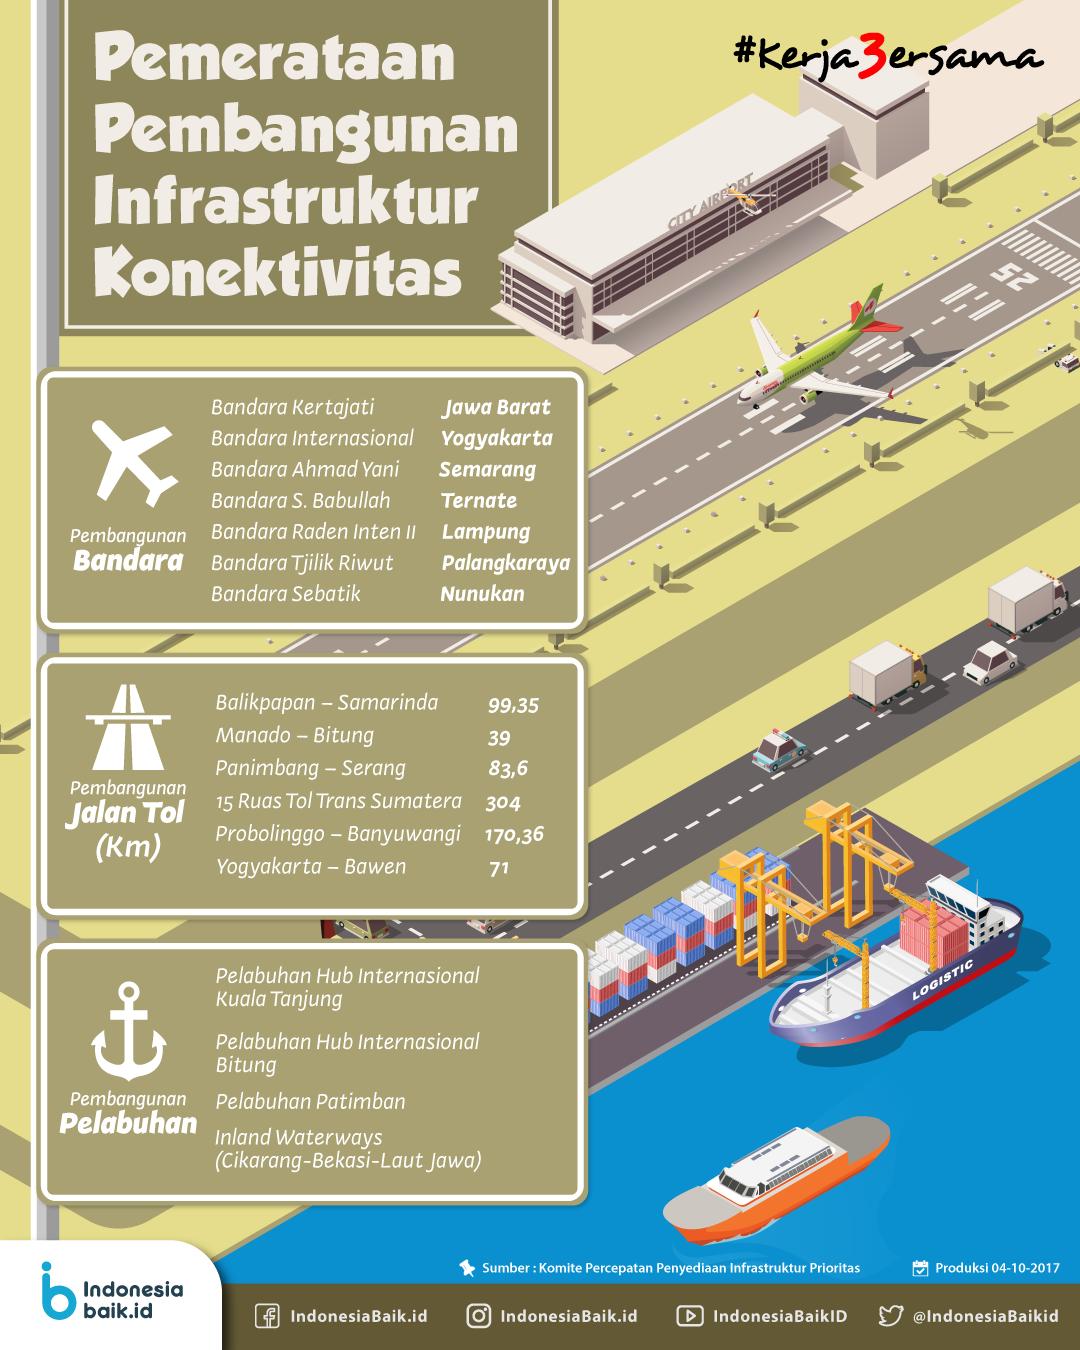 Pemerataan Pembangunan Infrastruktur Konektivitas